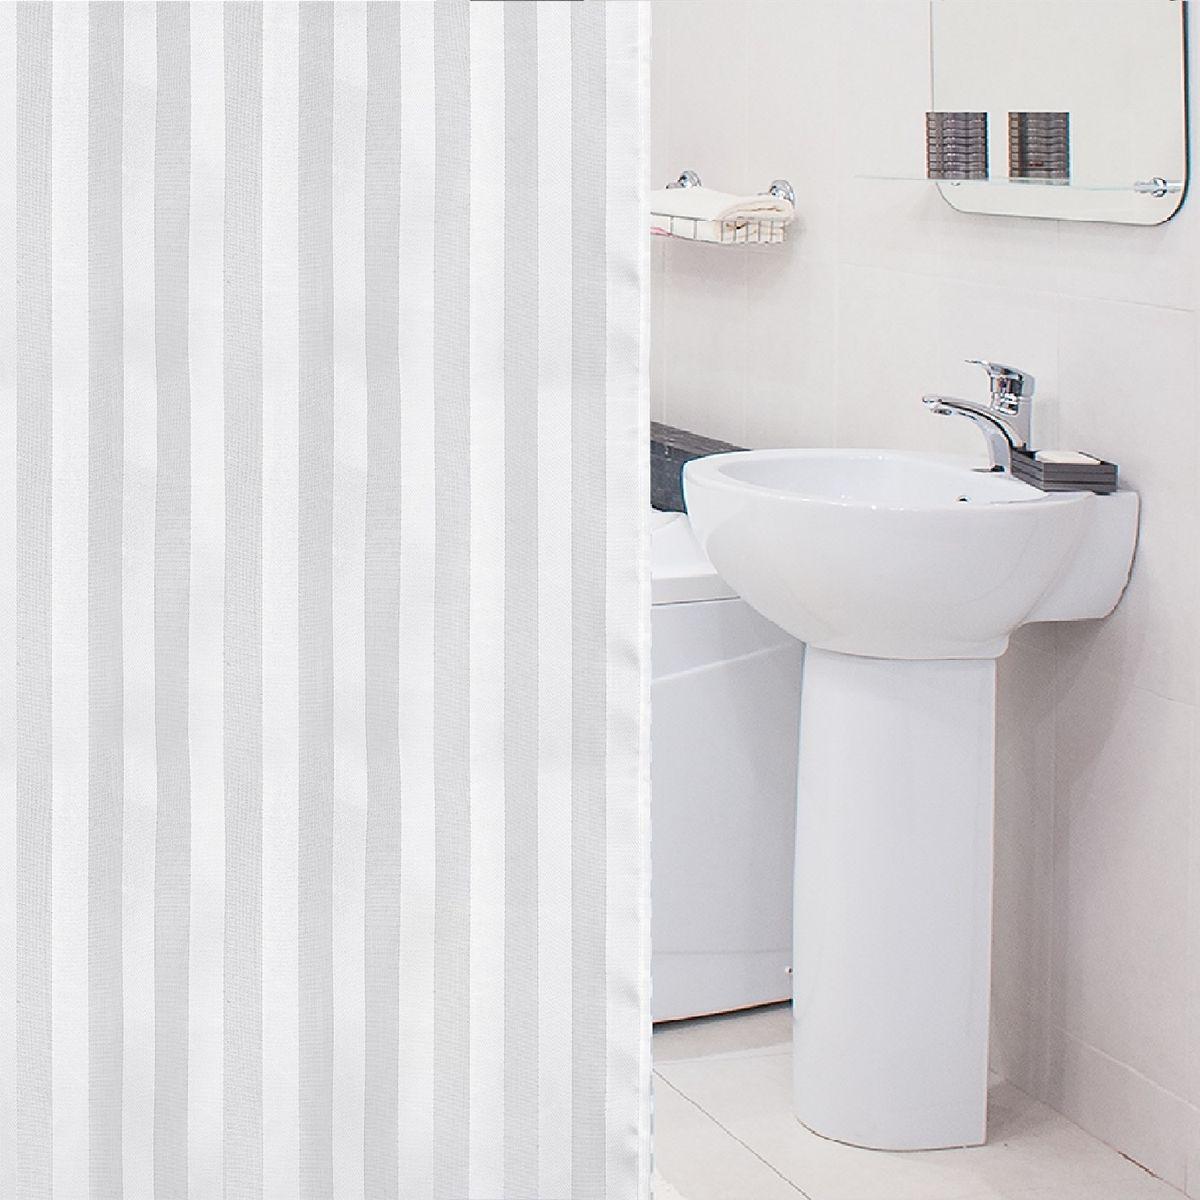 Штора для ванной комнаты Tatkraft Harmony, с кольцами, 180 х 180 см391602Штора для ванной комнаты Tatkraft Harmony выполнена из высококачественного полиэстера с водоотталкивающим и антигрибковым покрытием. Изделие приятно на ощупь, быстро высыхает. В комплекте прилагаются овальные пластиковые кольца.Такая штора прекрасно впишется в любой интерьер ванной комнаты и идеально защитит от брызг. Можно стирать в стиральной машине при температуре 40°С. Количество колец: 12 шт.